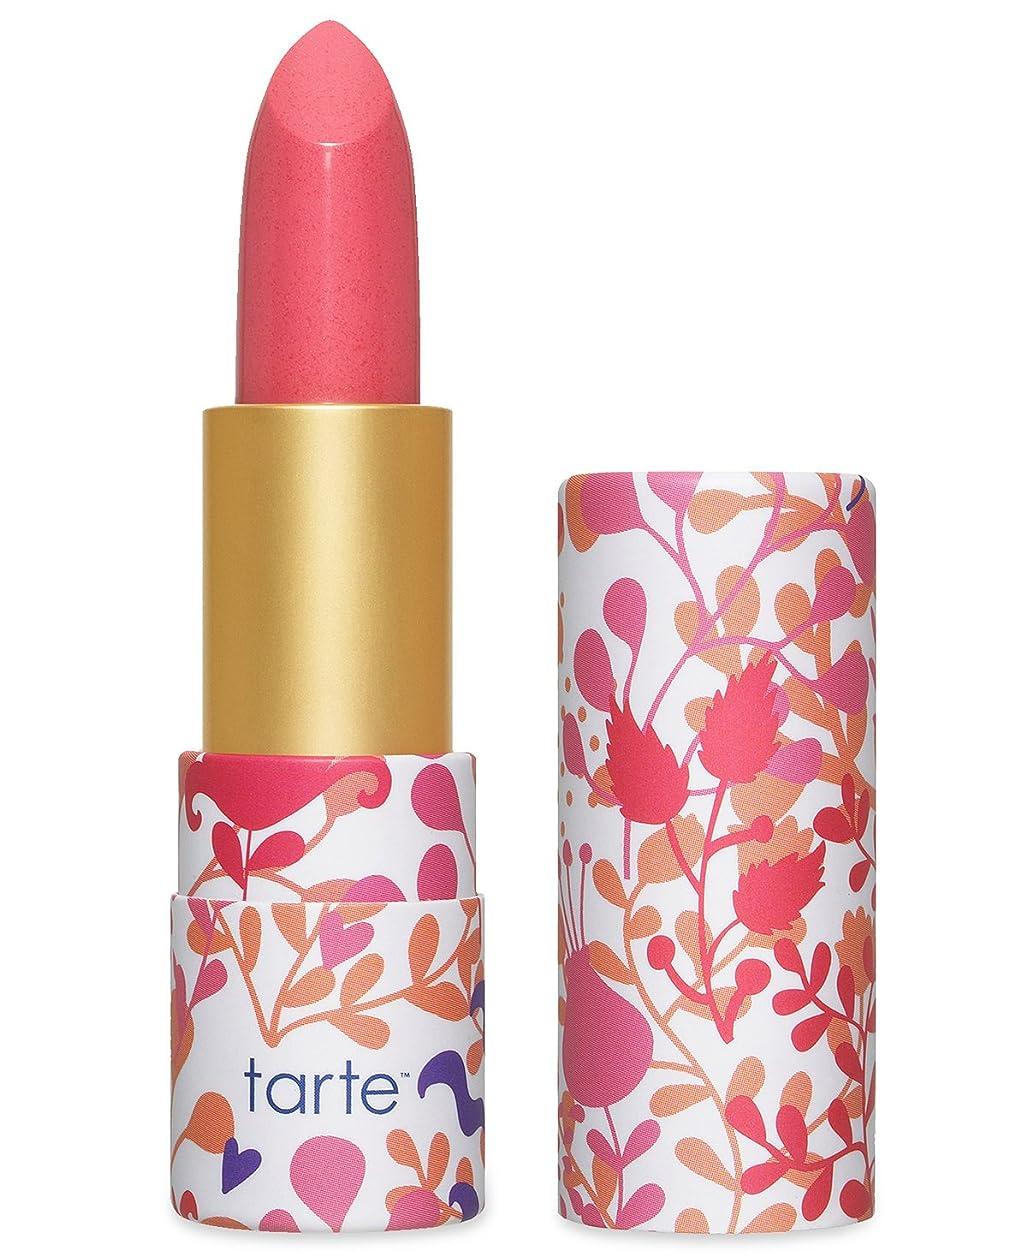 永続手数料熟達Tarte Amazonian Butter Lipstick ターテ アマゾニアン バターリップステック Pink Peony [並行輸入品]